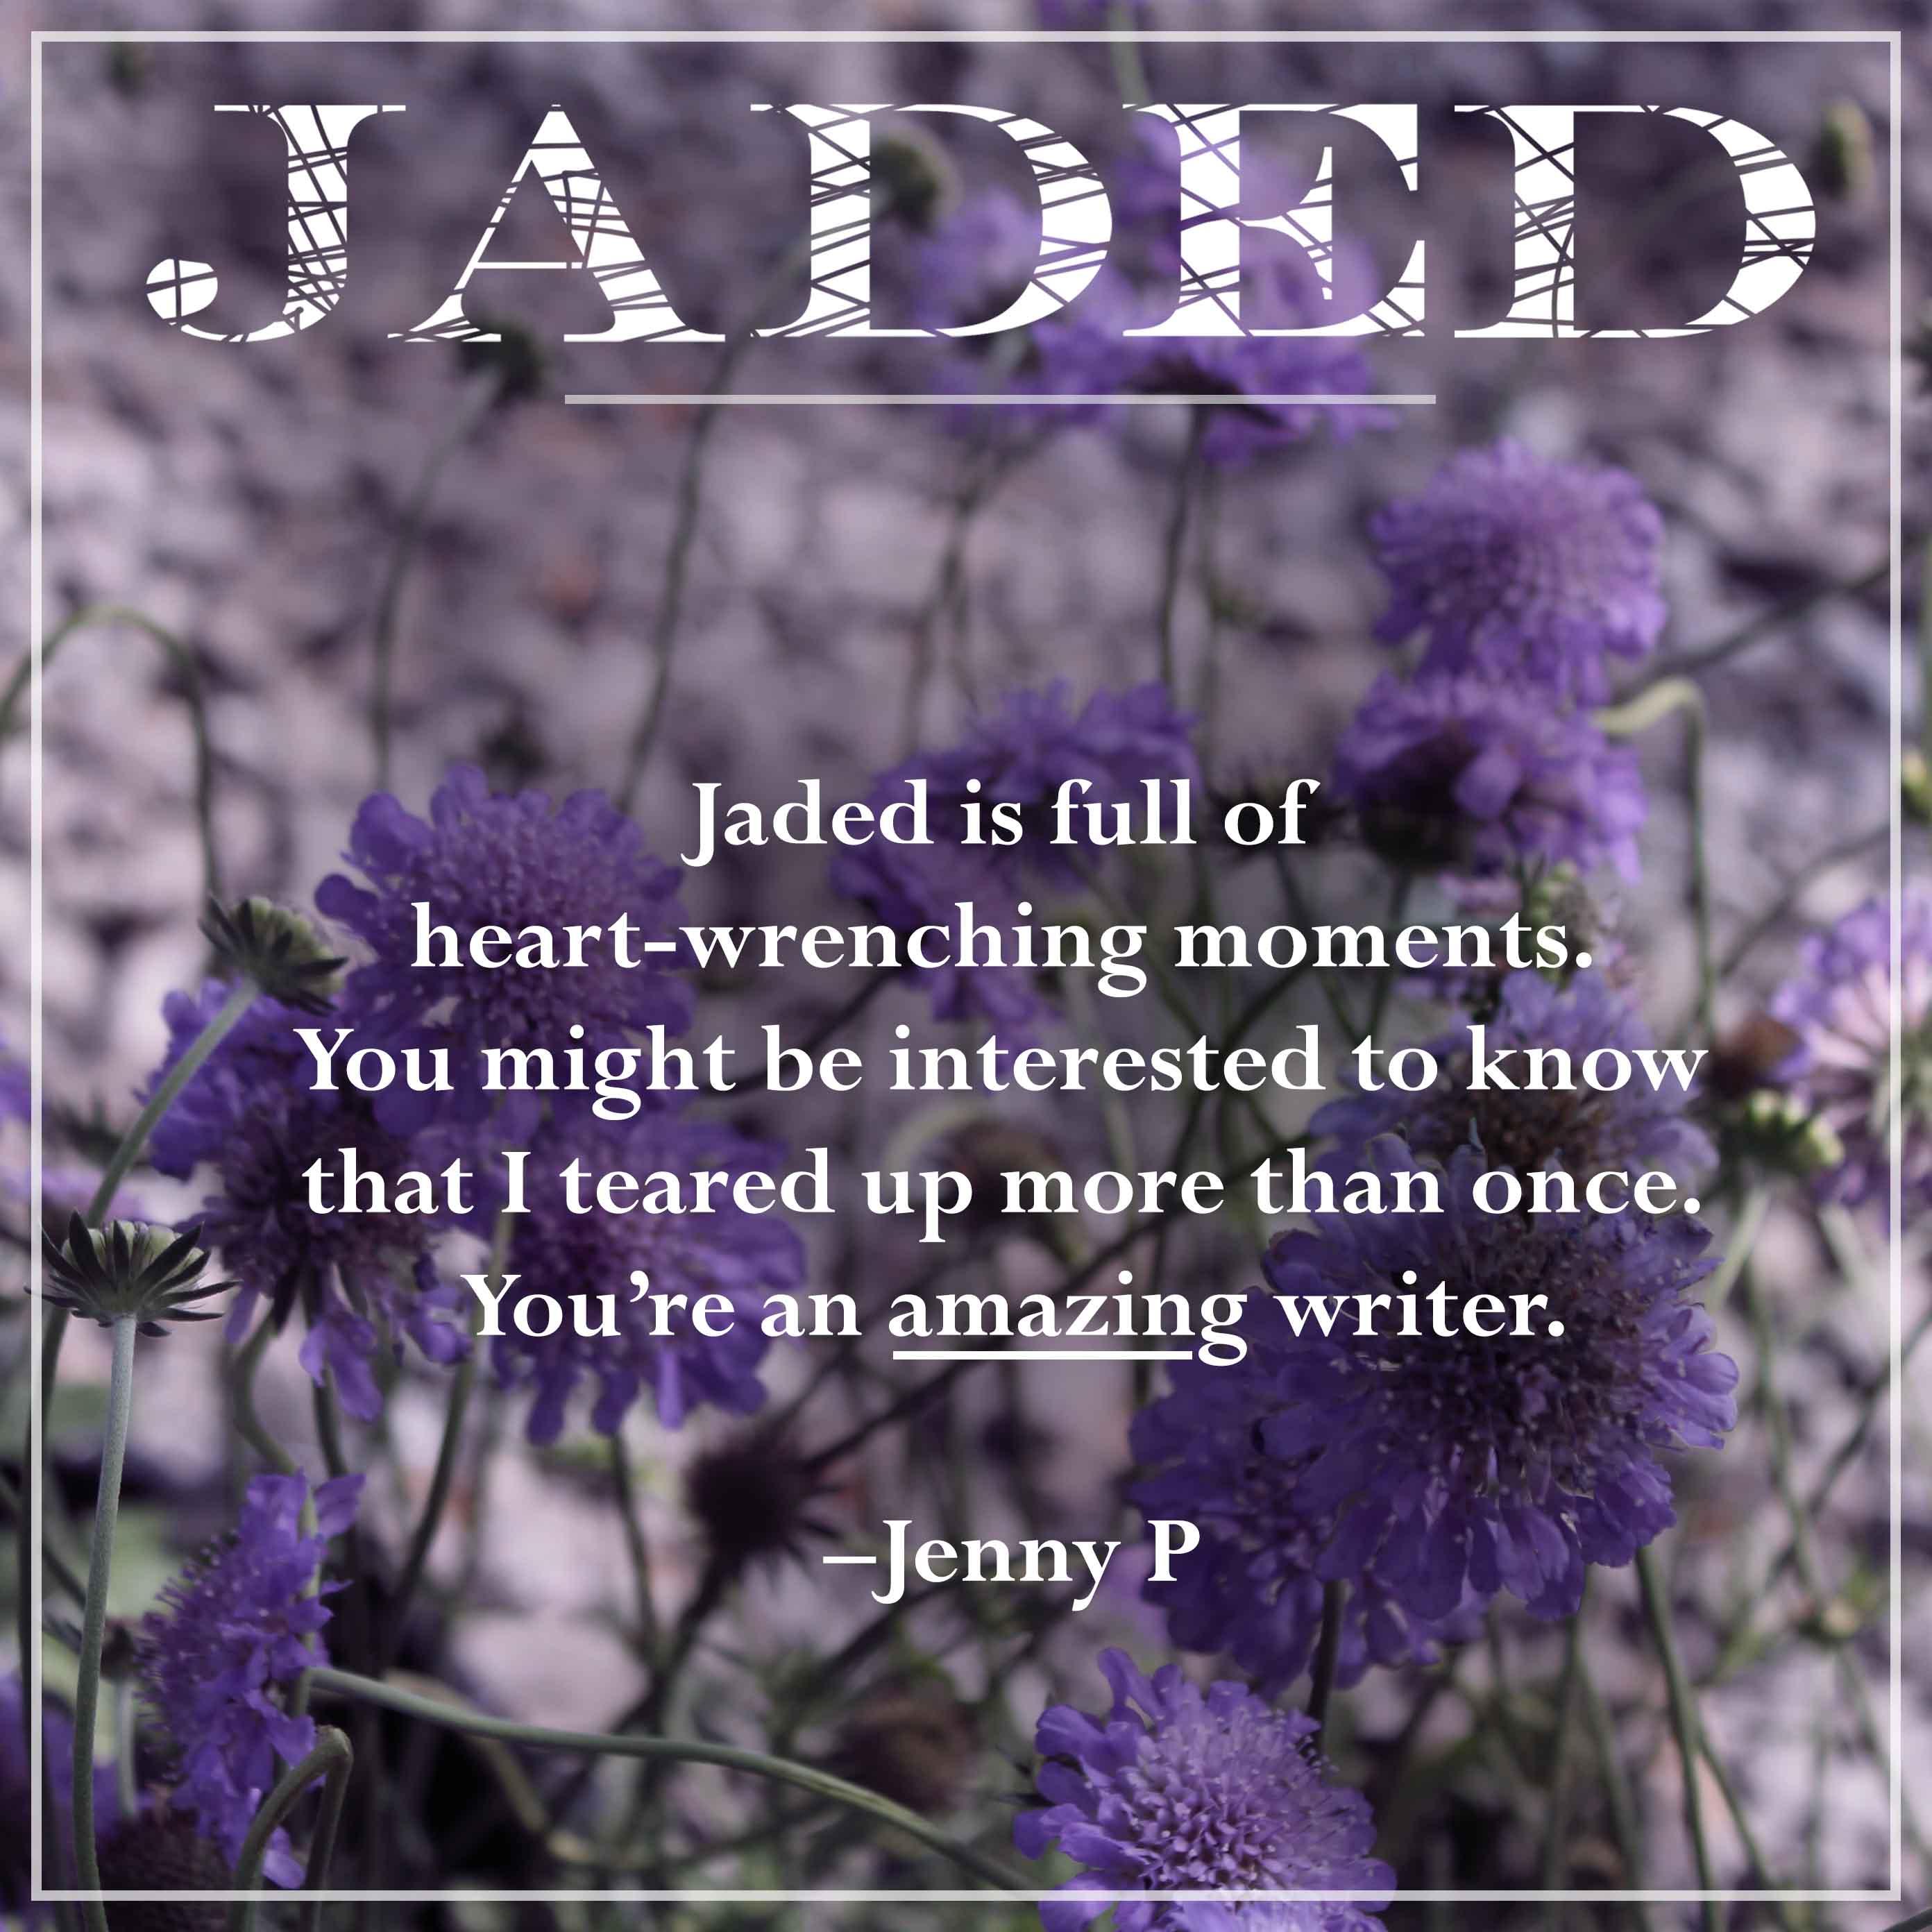 jaded fan quote-jenny